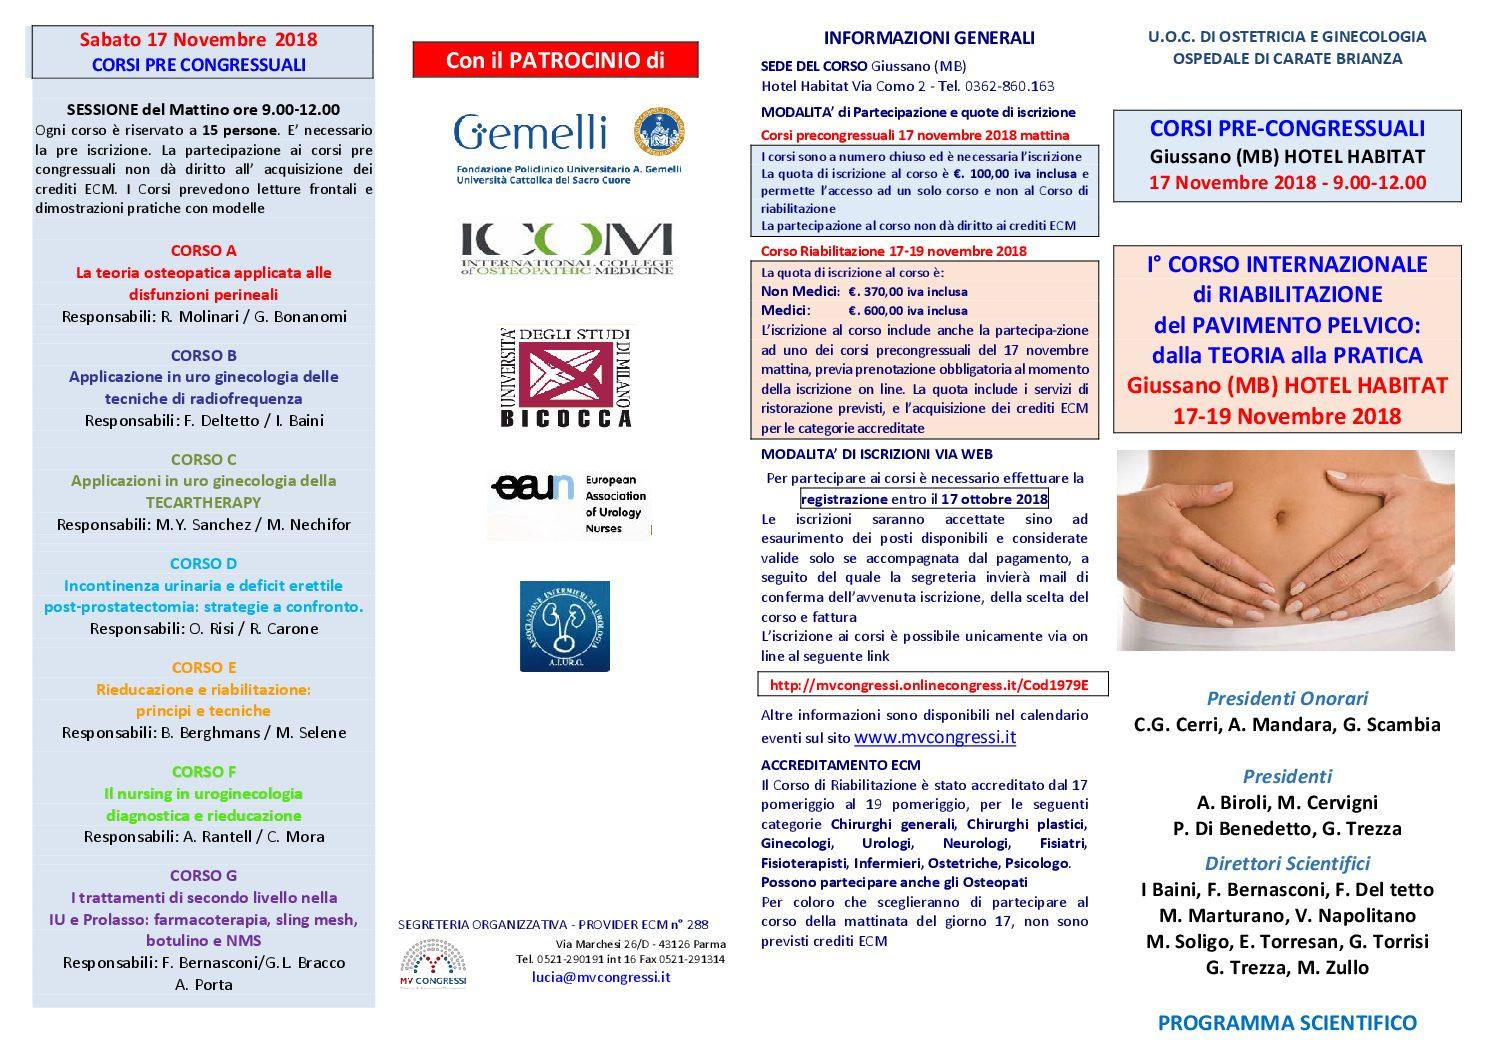 I° CORSO INTERNAZIONALE  di RIABILITAZIONE  del PAVIMENTO PELVICO:  dalla TEORIA alla PRATICA